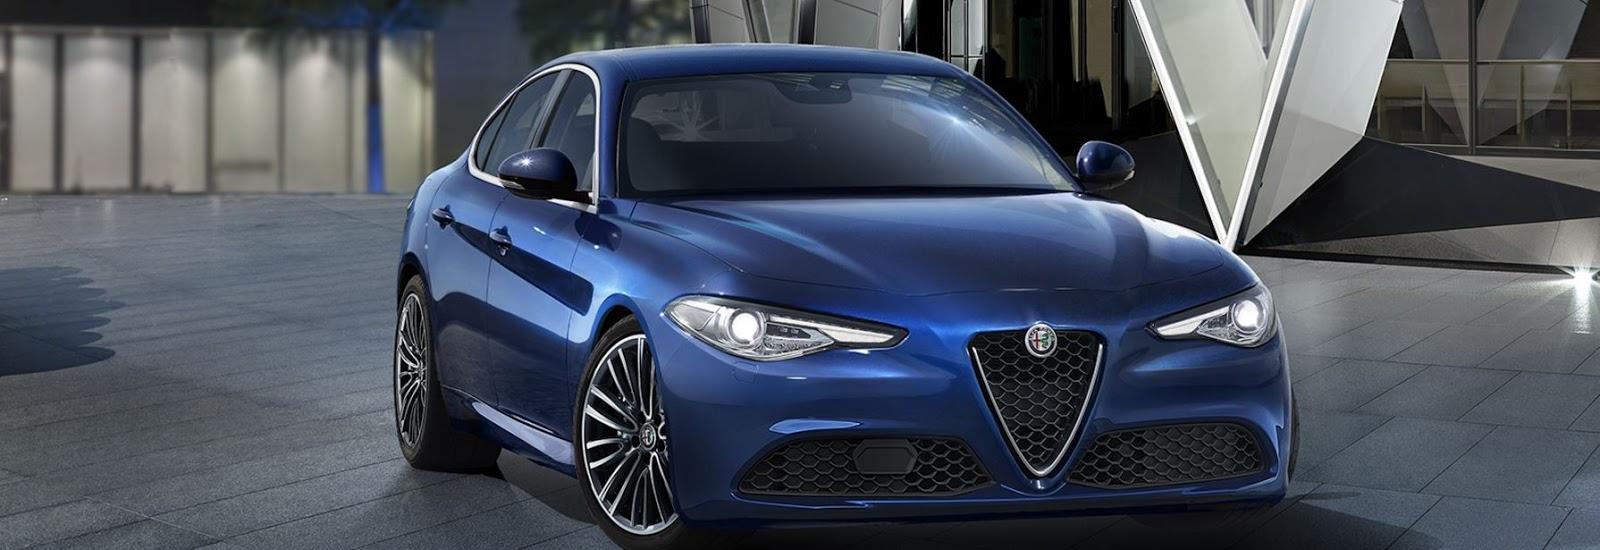 Promozione Alfa Giulia Novembre 2016: come funziona, prezzi e rata